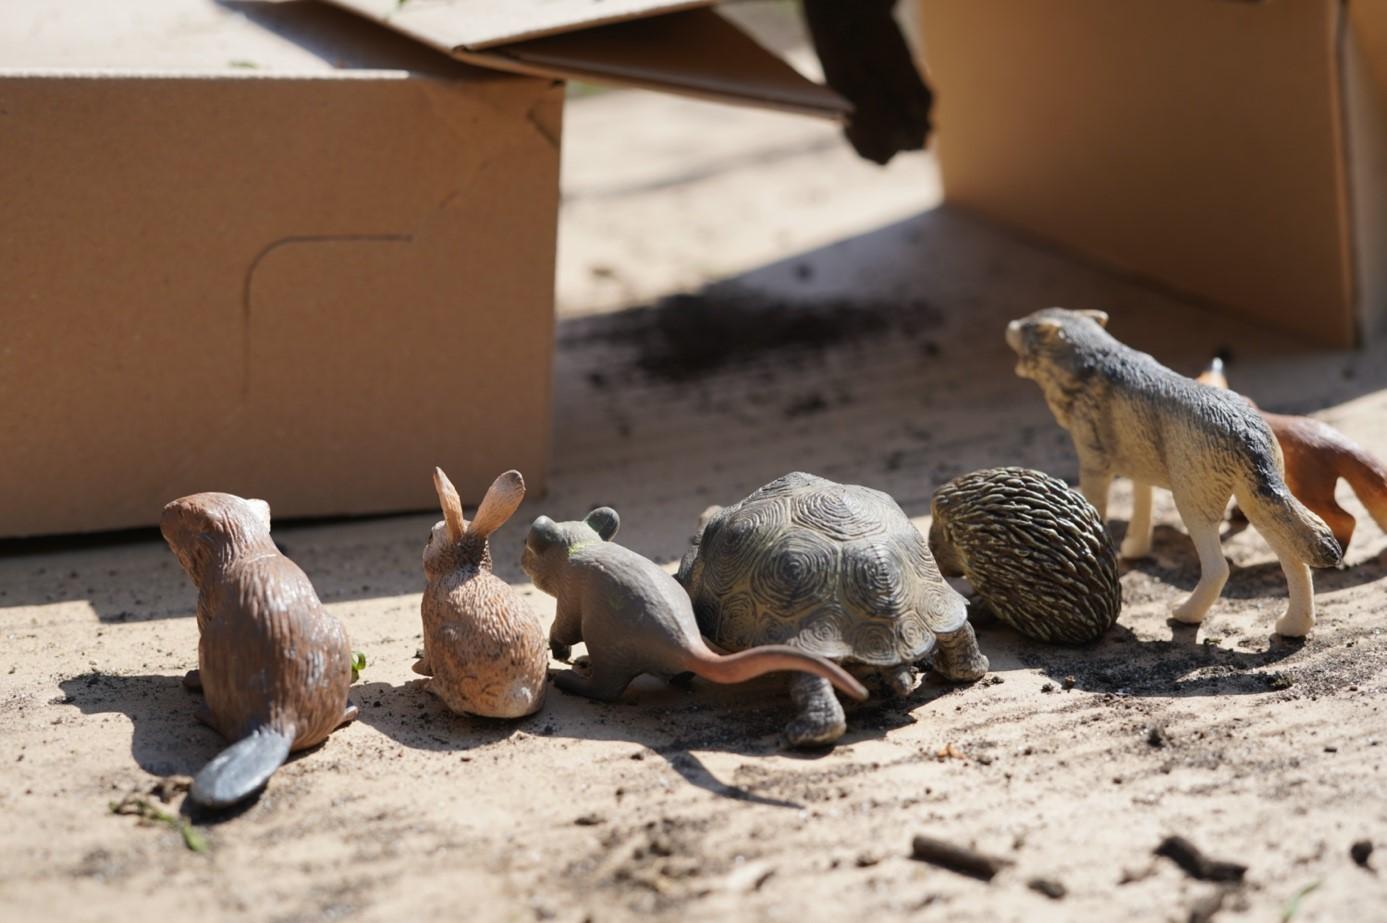 Ein Biber, ein Hase, eine Maus, eine Schildkröte, ein Igel, ein Wolf und ein Fuchs - kleine Waldtiere aus Hartgummi sitzen vor einer Brücke aus Kartons.